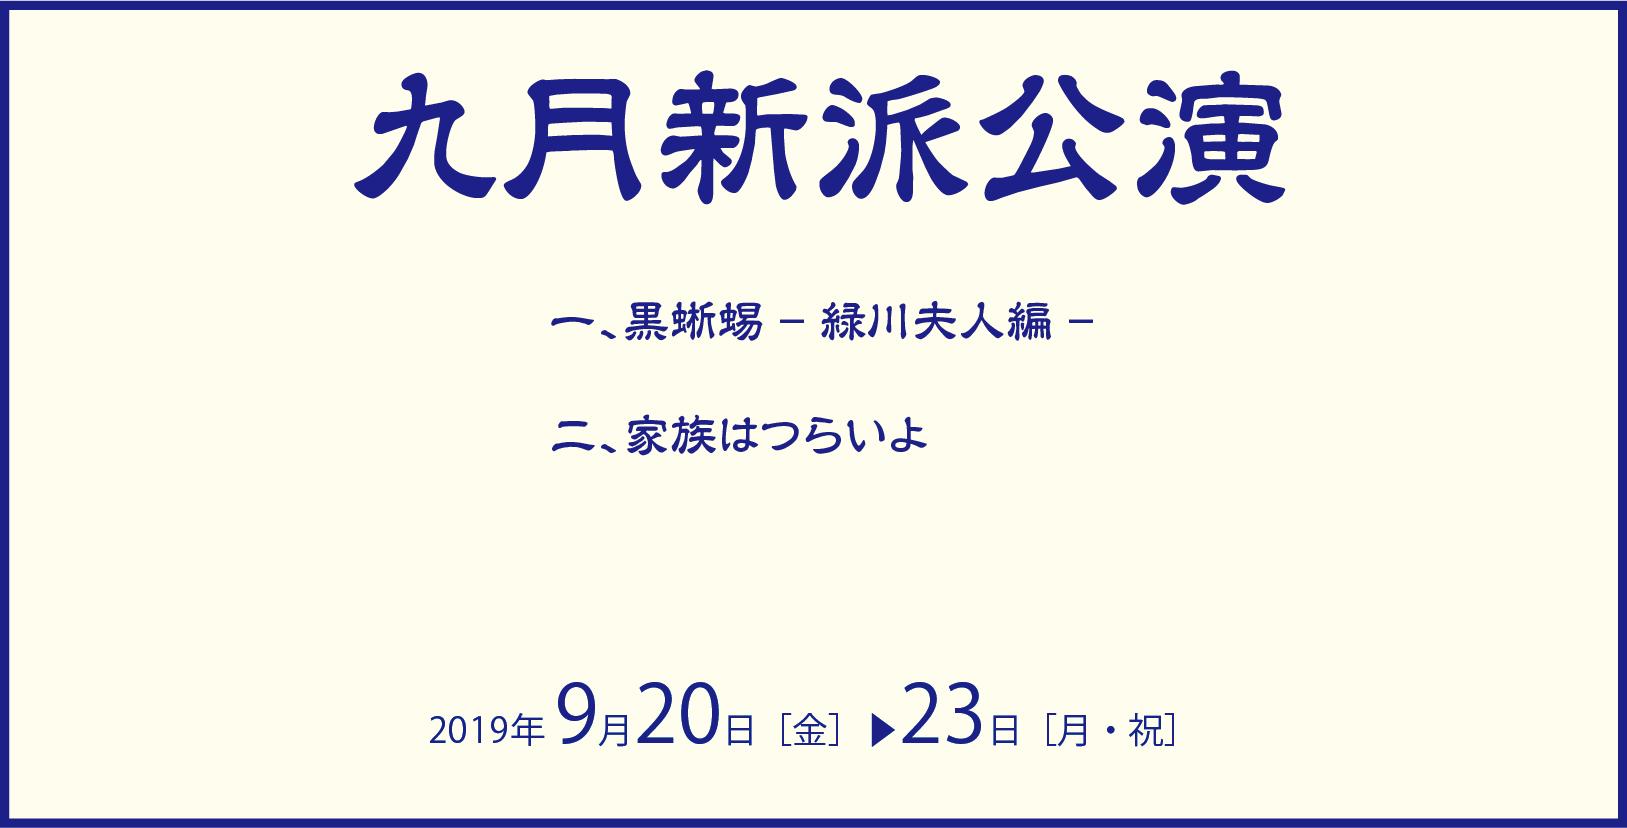 九月新派公演